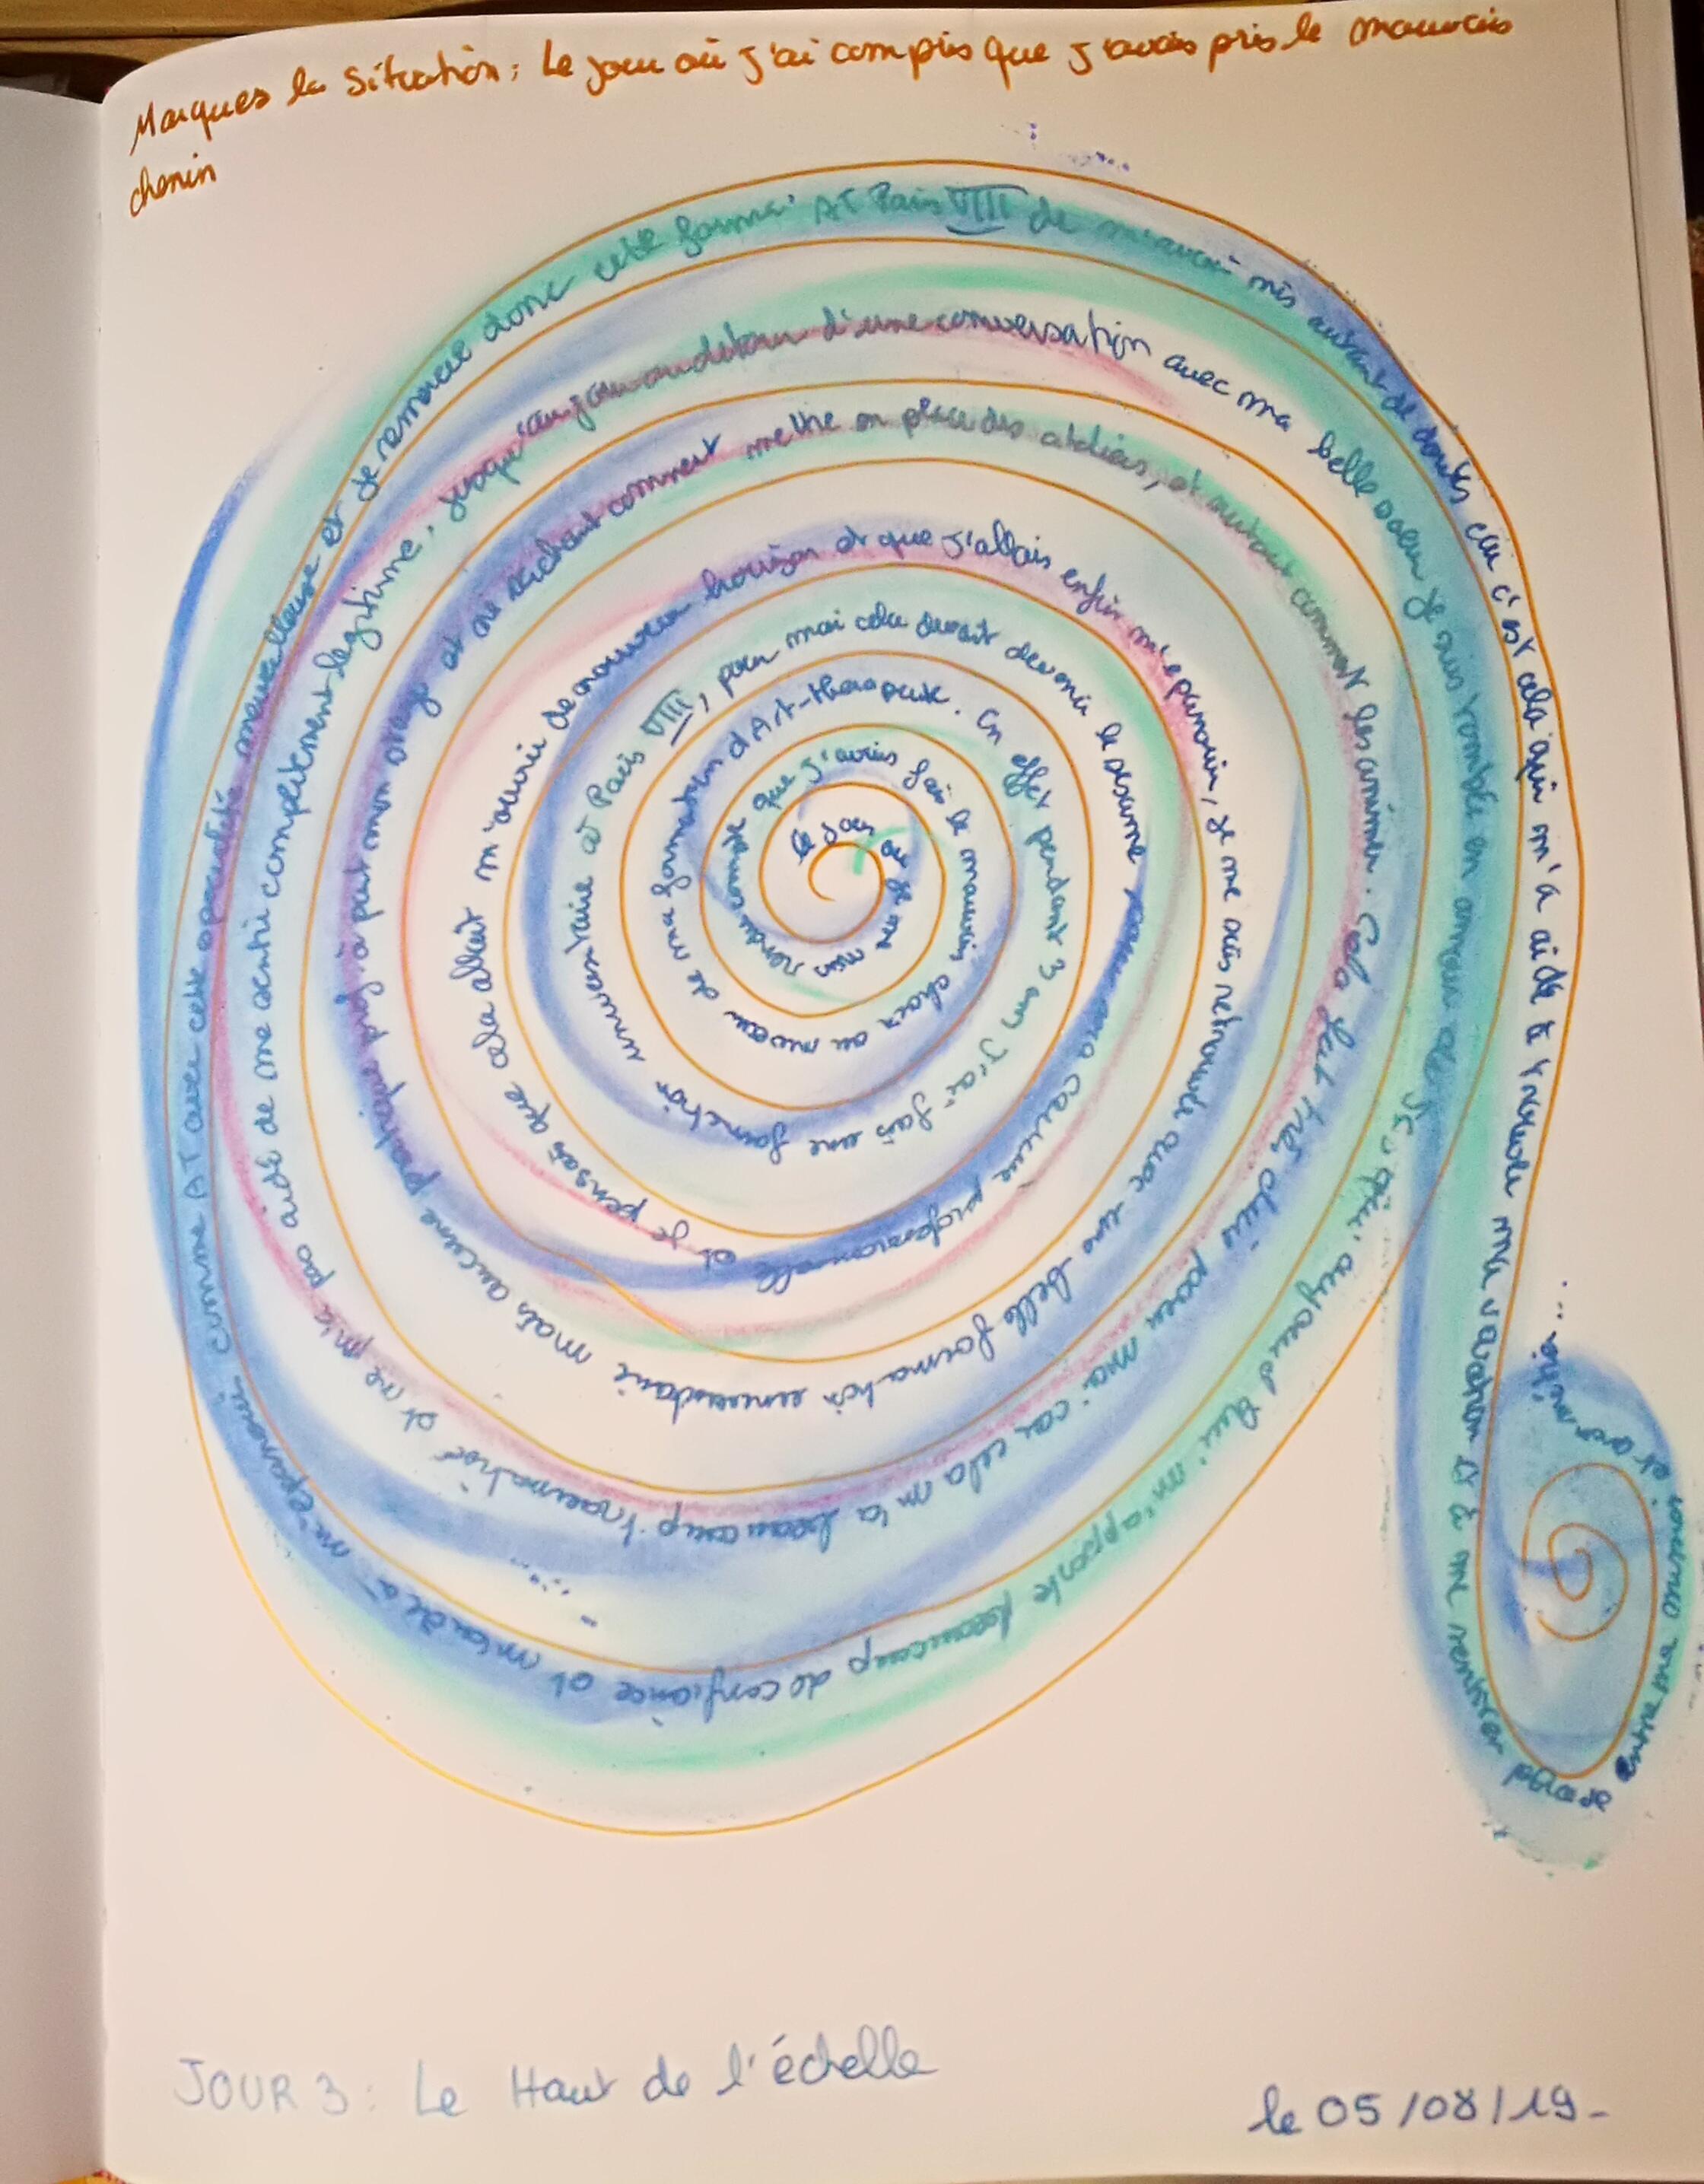 jour 3 le haut de l'échelle journal créatif défi des 100 jours: mission de vie maud-art-therapeute maincy